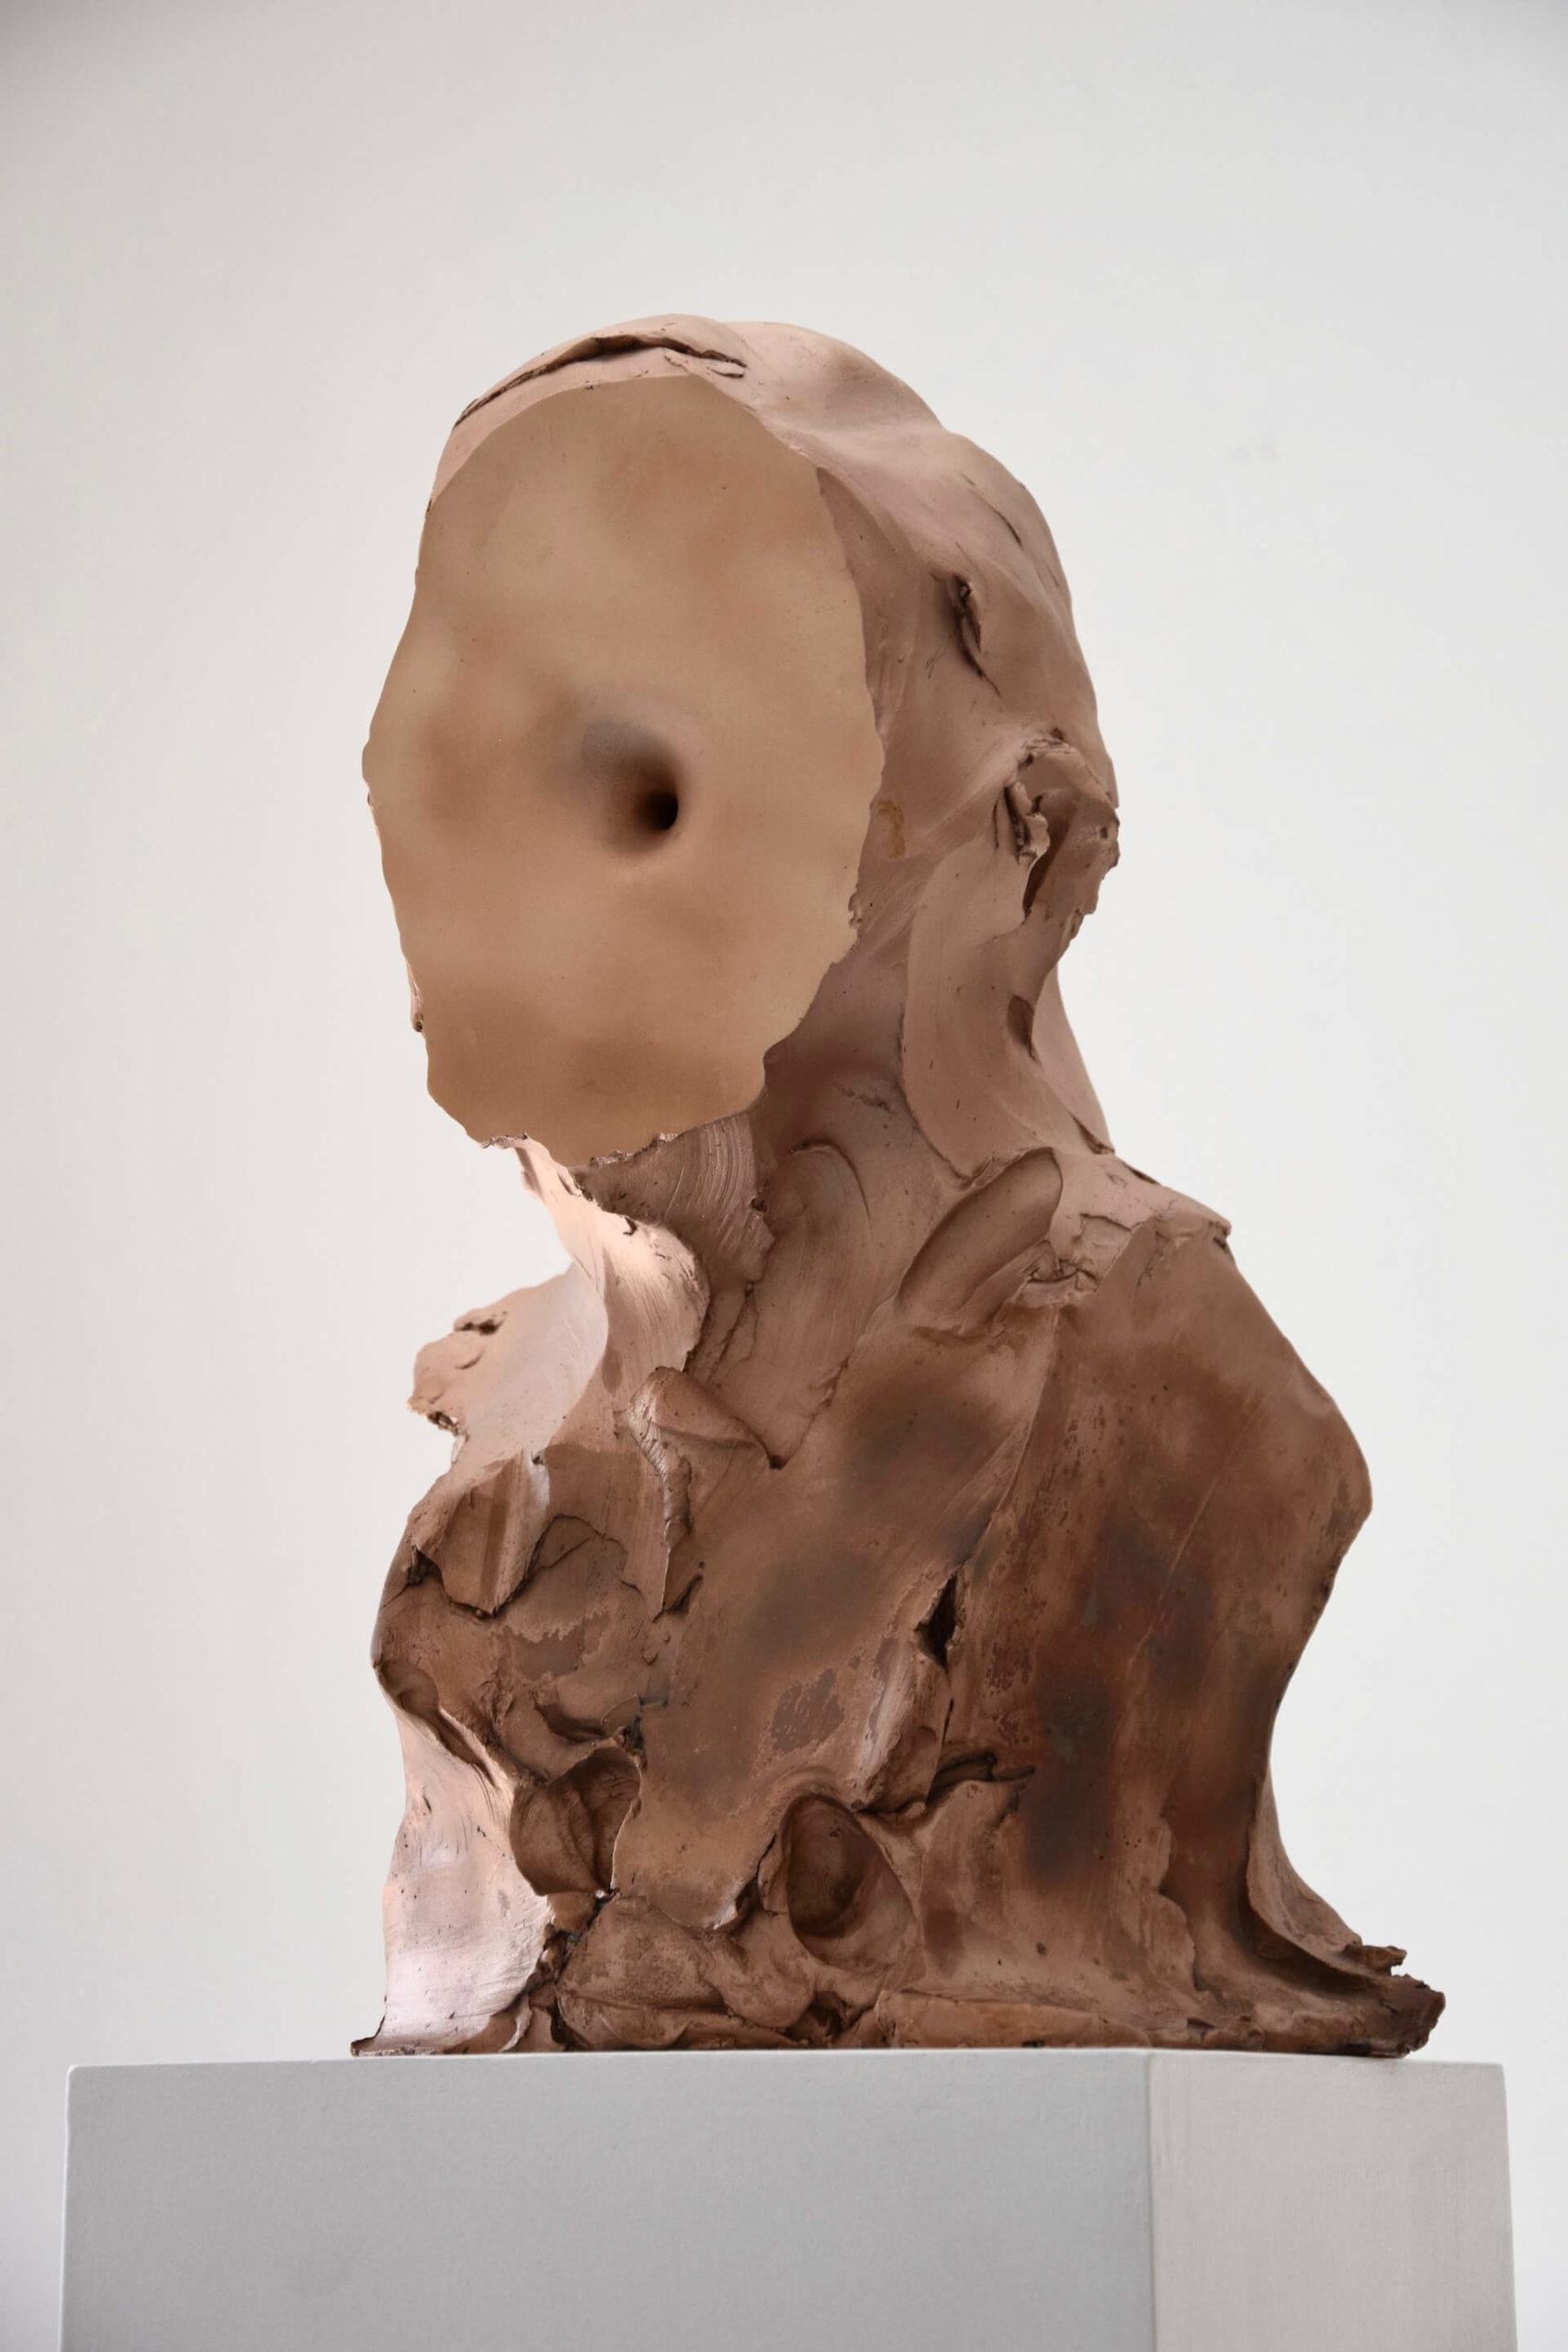 Federico Branchetti - Sculture - M87 (2020) Fonderia Venturi Bologna